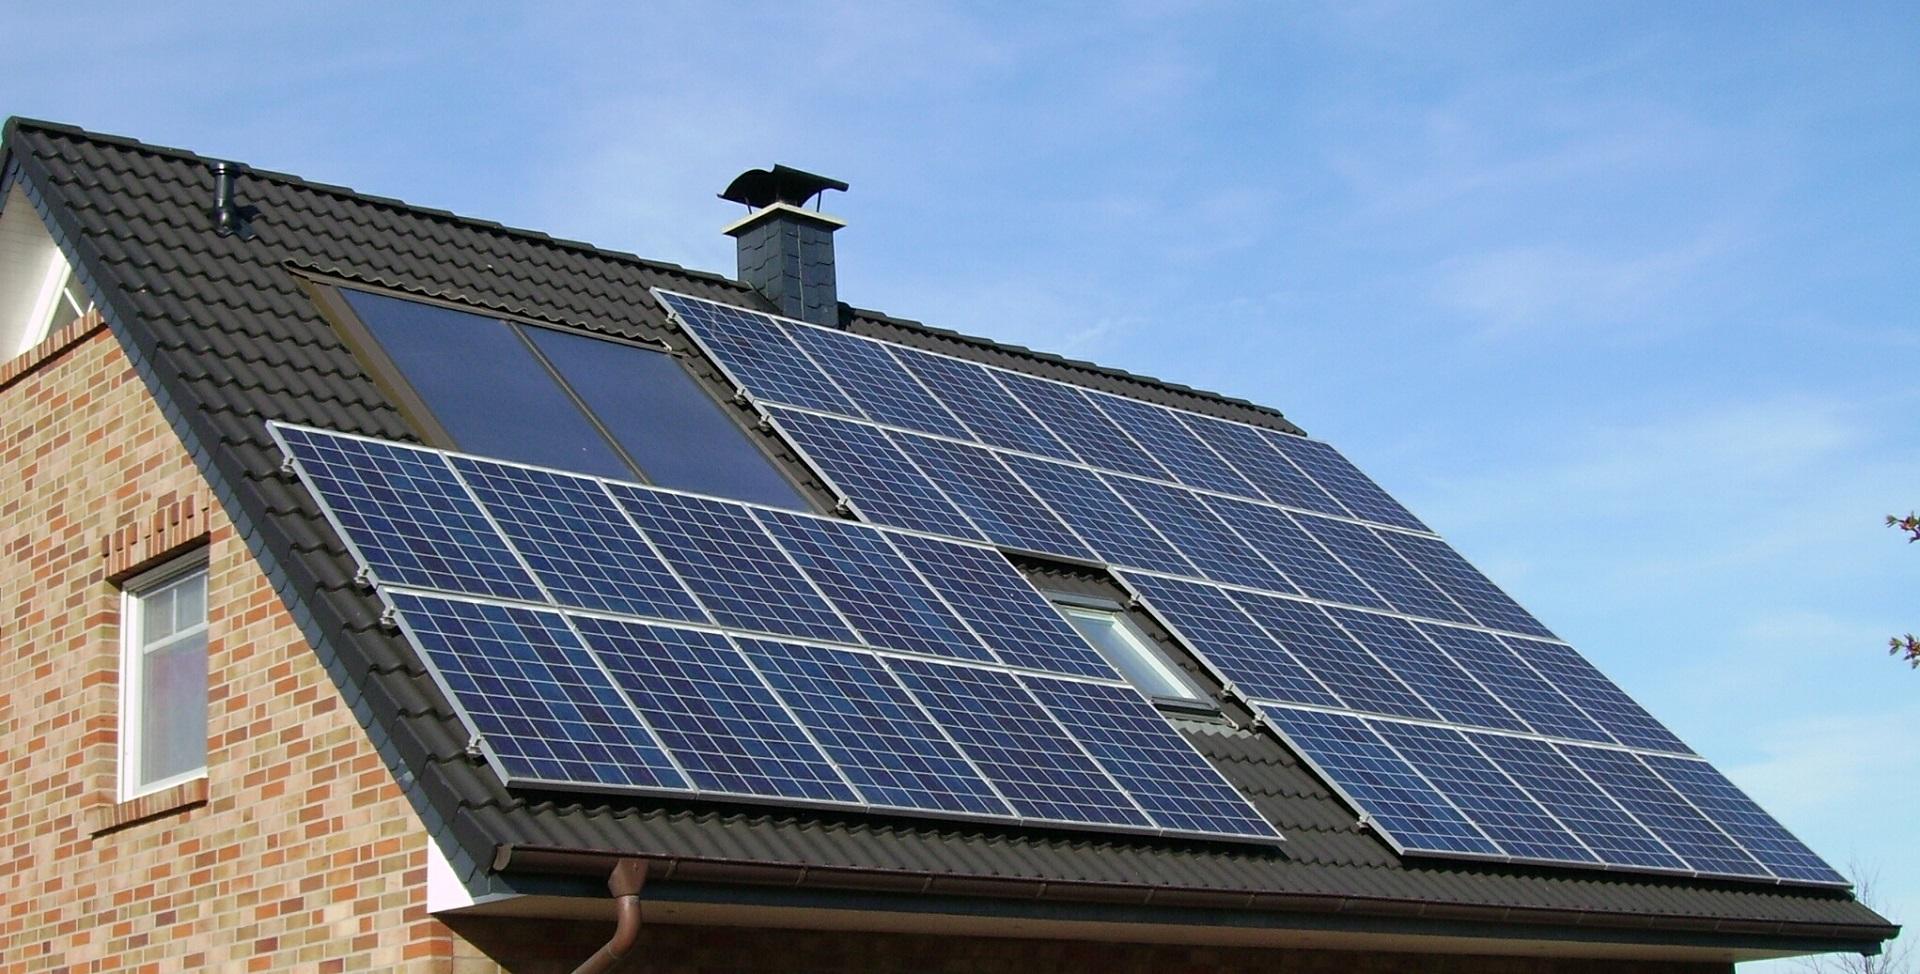 Solarenergie - erneuerbare Energien für Strom und Heizung - energieeffizient Sanieren